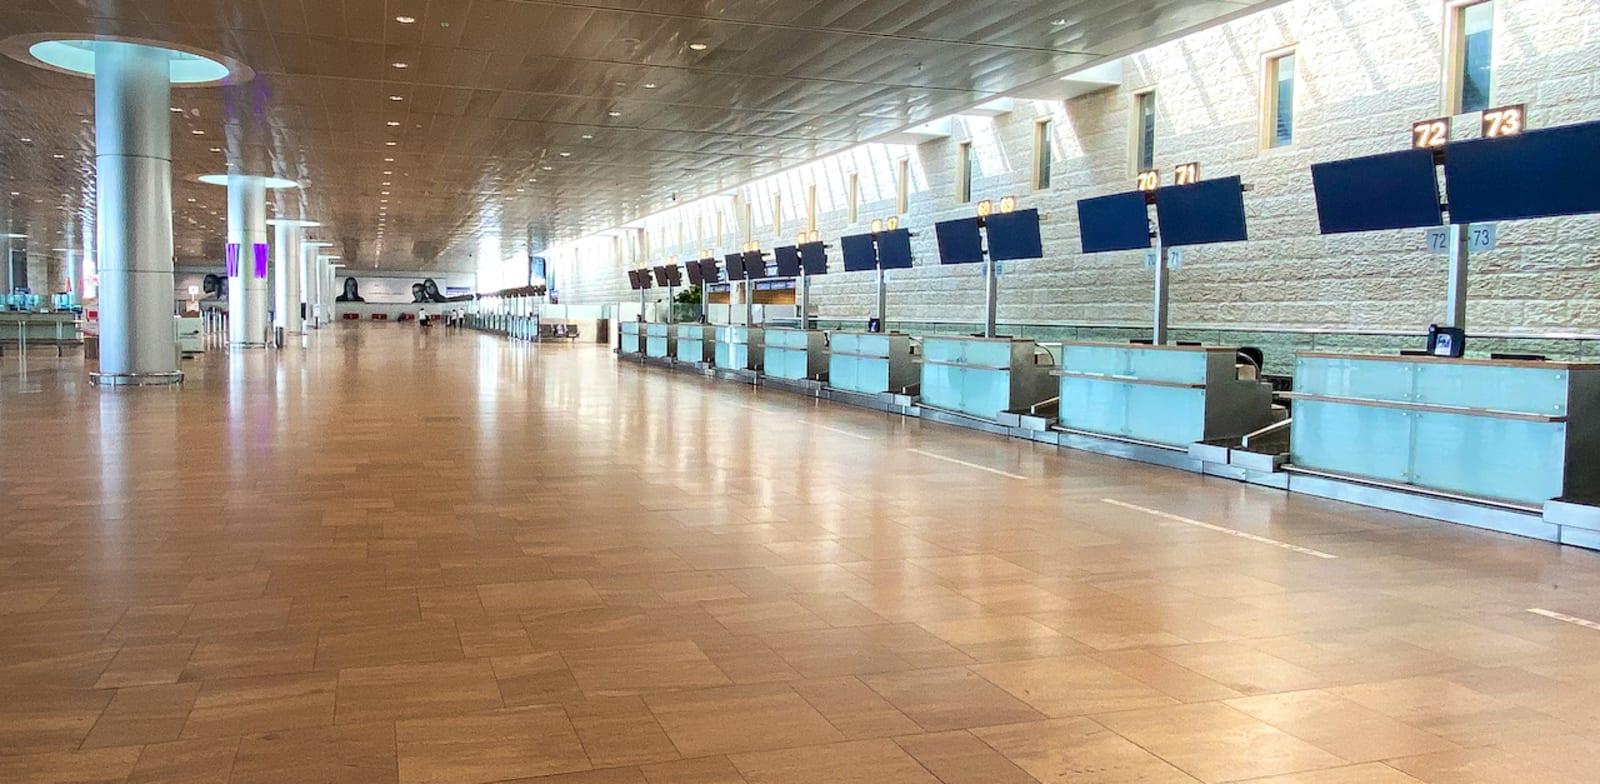 """בעקבות הקורונה: שדה התעופה נתב""""ג ריק מנוסעים / צילום: יוסי פתאל"""